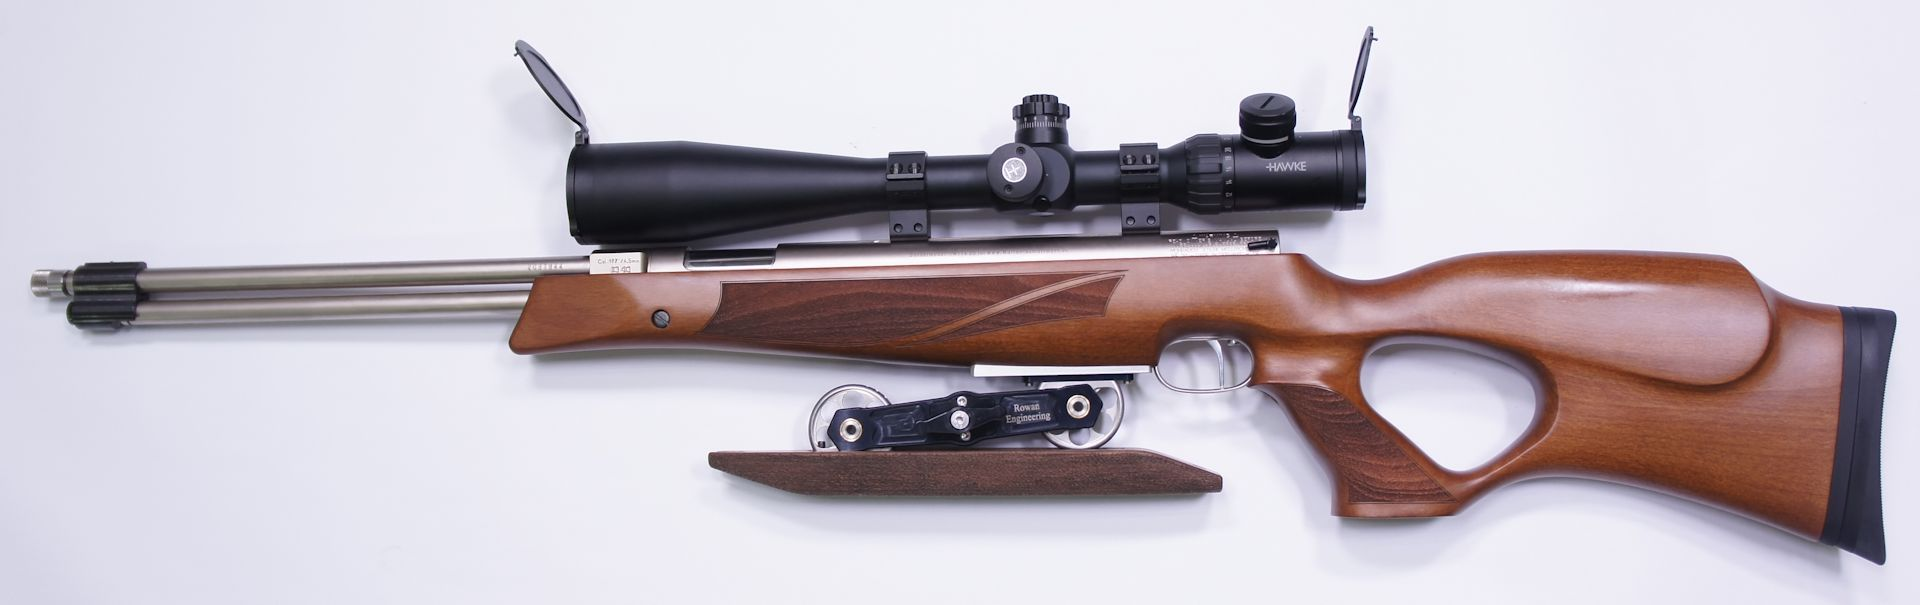 Montagebeipiel mit möglichem Zubehör: Auf diesem Wettkampfgewehr ist eine <a href=1130173.htm>Optik 8-32x50 der Marke Hawke </a> aufmontiert.